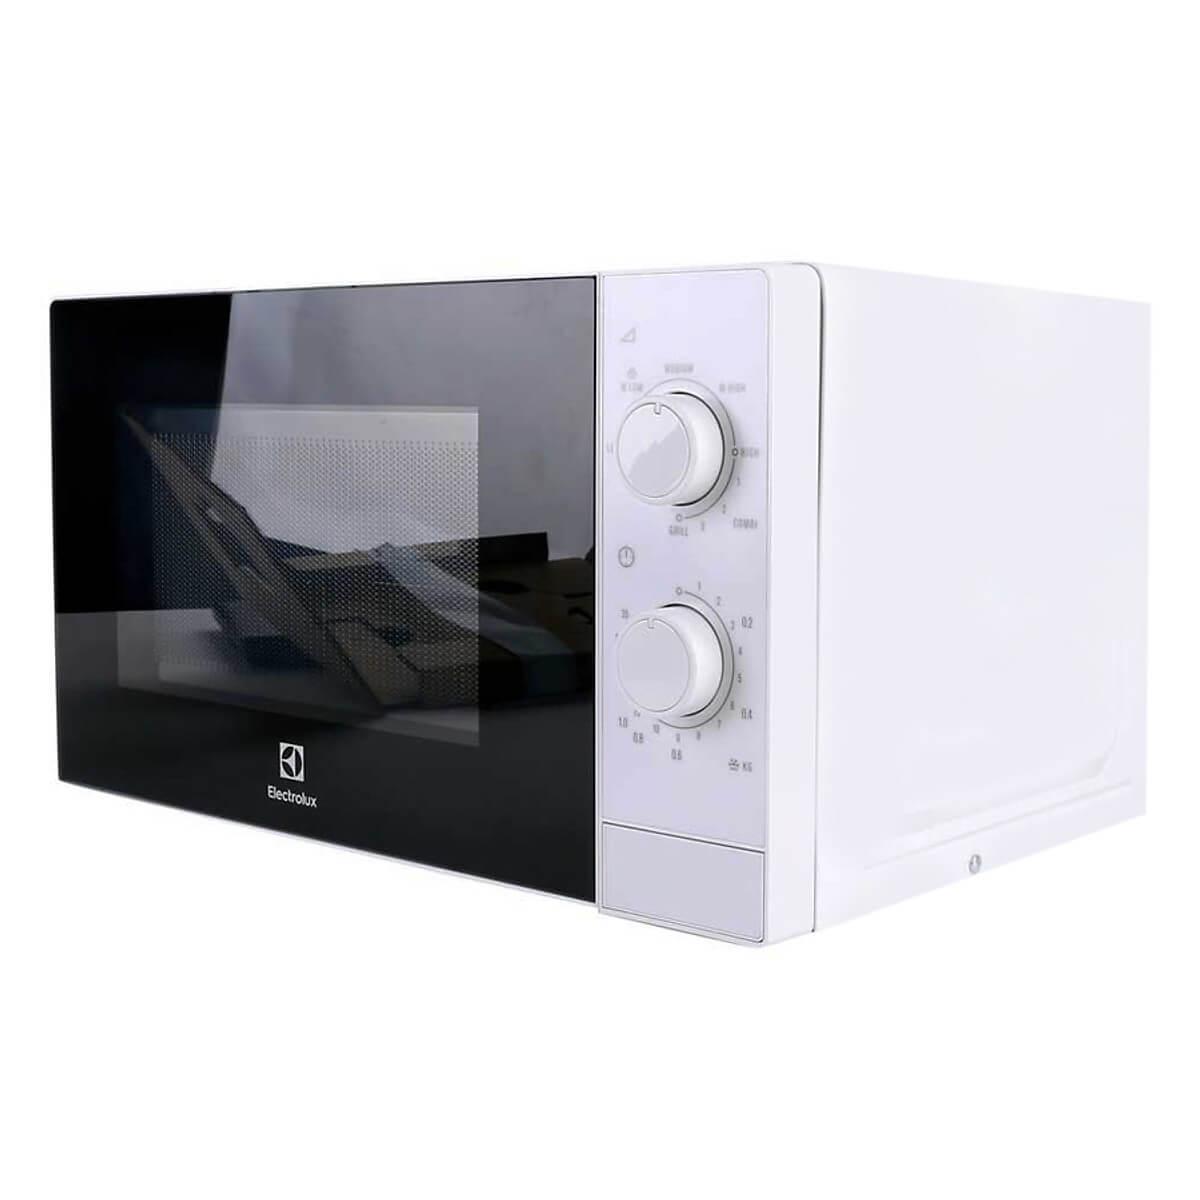 Lò Vi Sóng Cơ Có Nướng Electrolux EMM2022GW (20L)